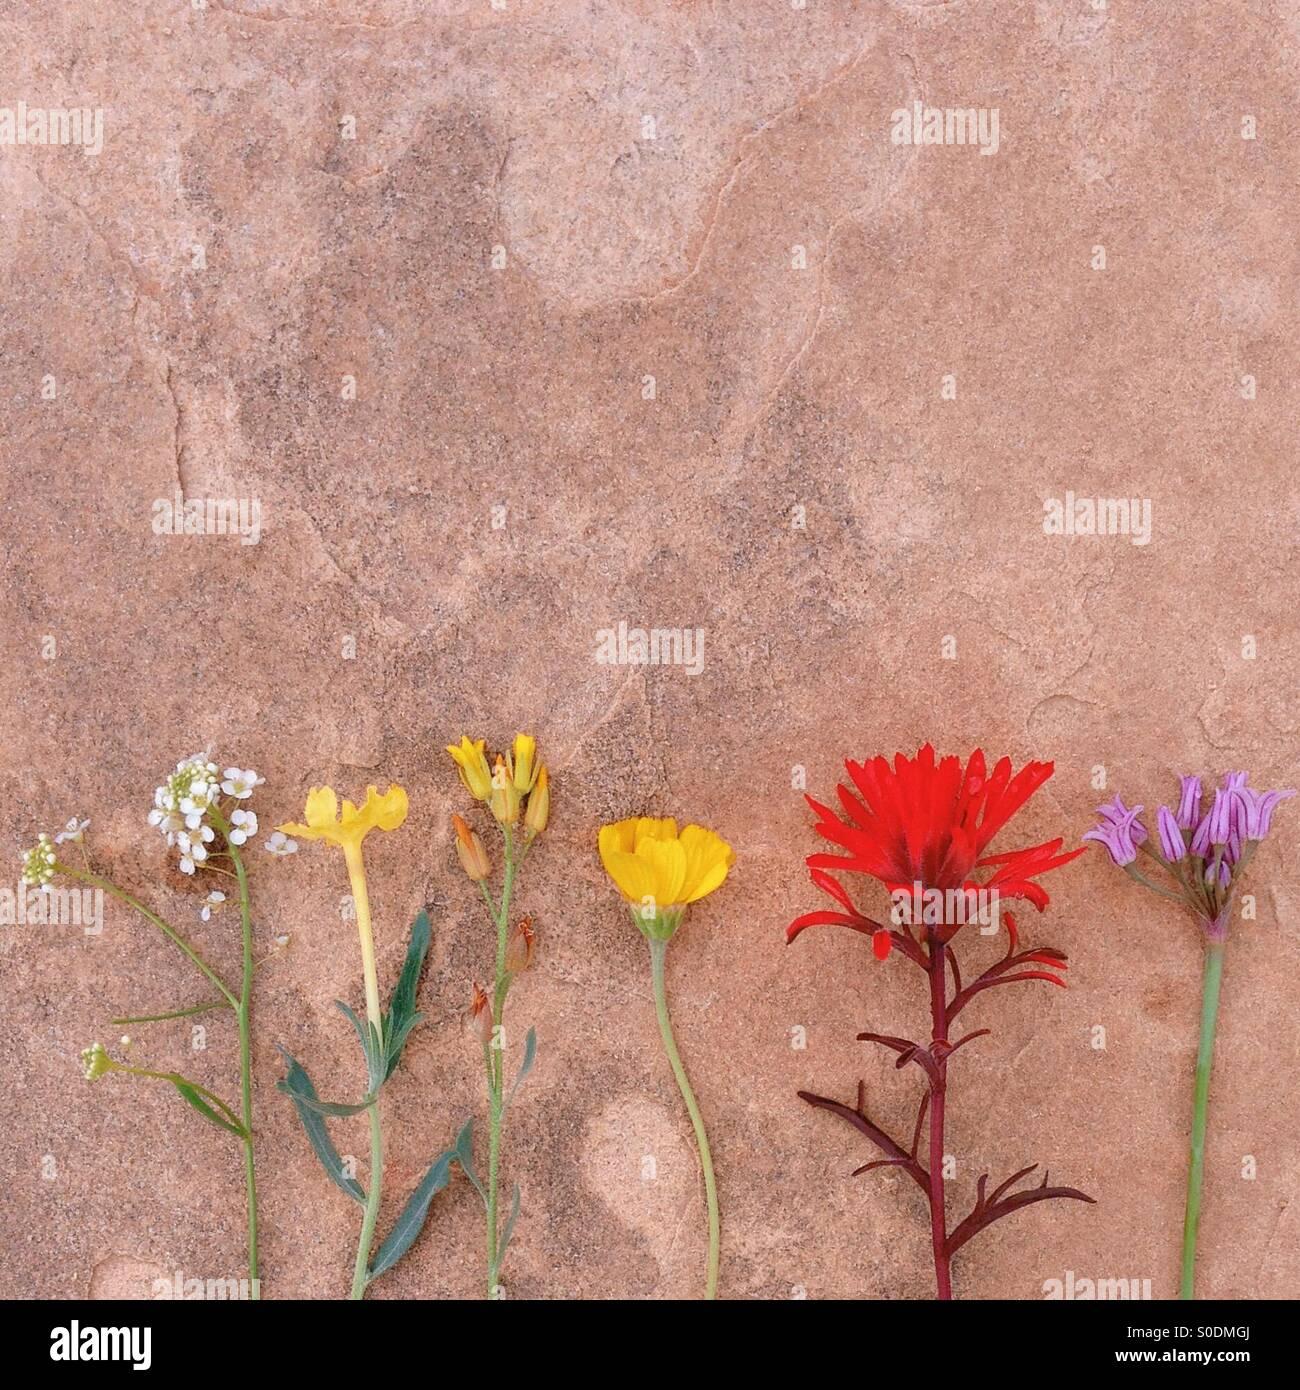 Flora del deserto Immagini Stock